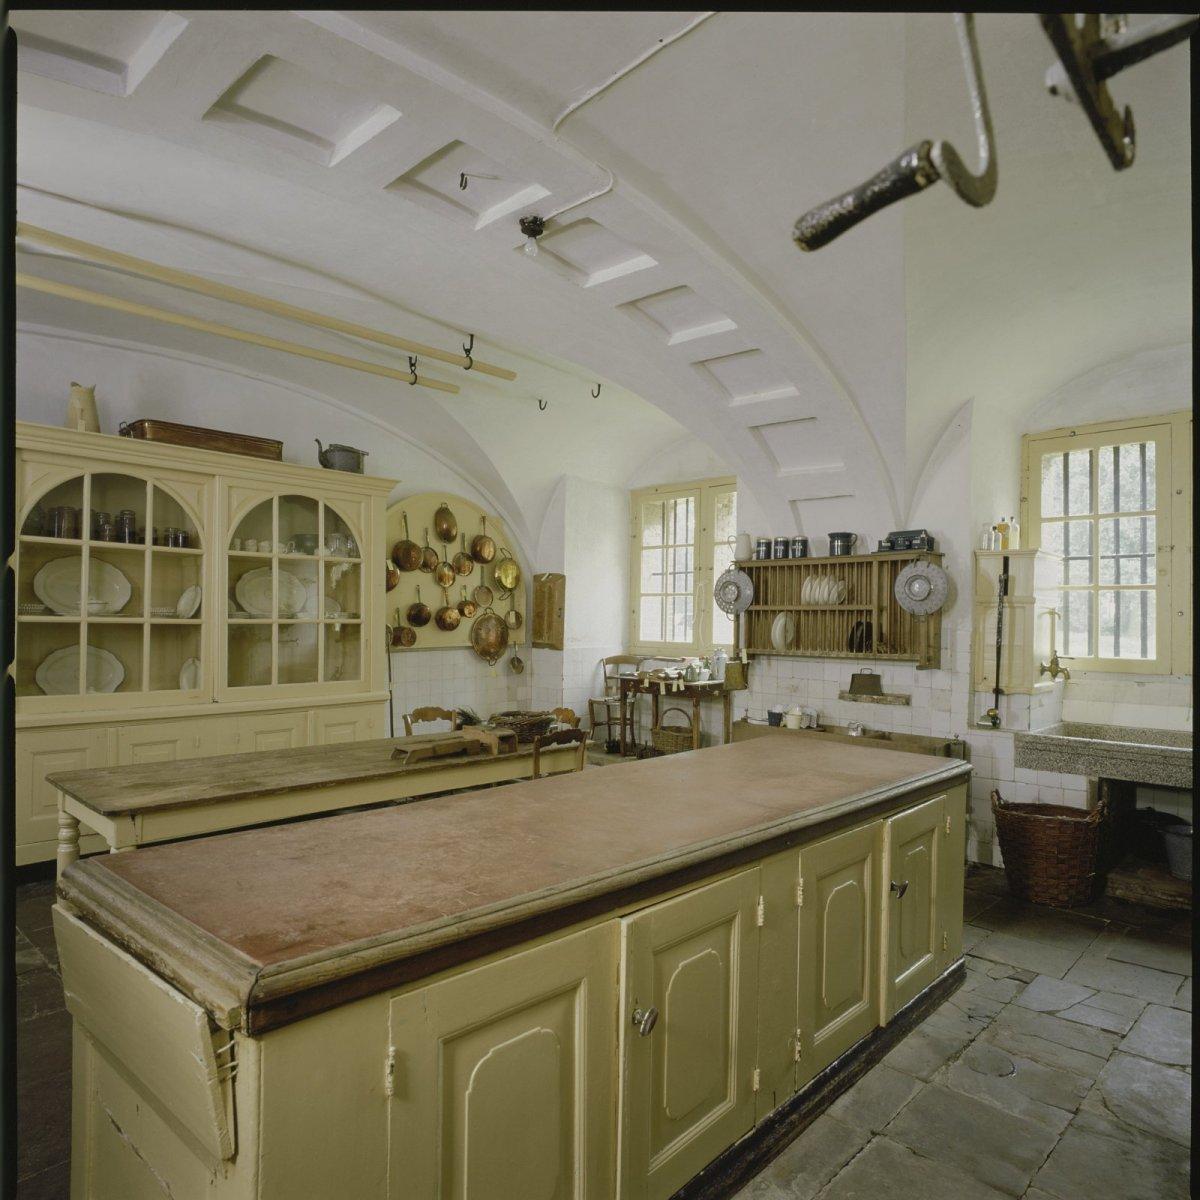 Gamma Keuken Ventilator : Keukenkast Interieur ~ Het beste van huis ontwerp inspiratie